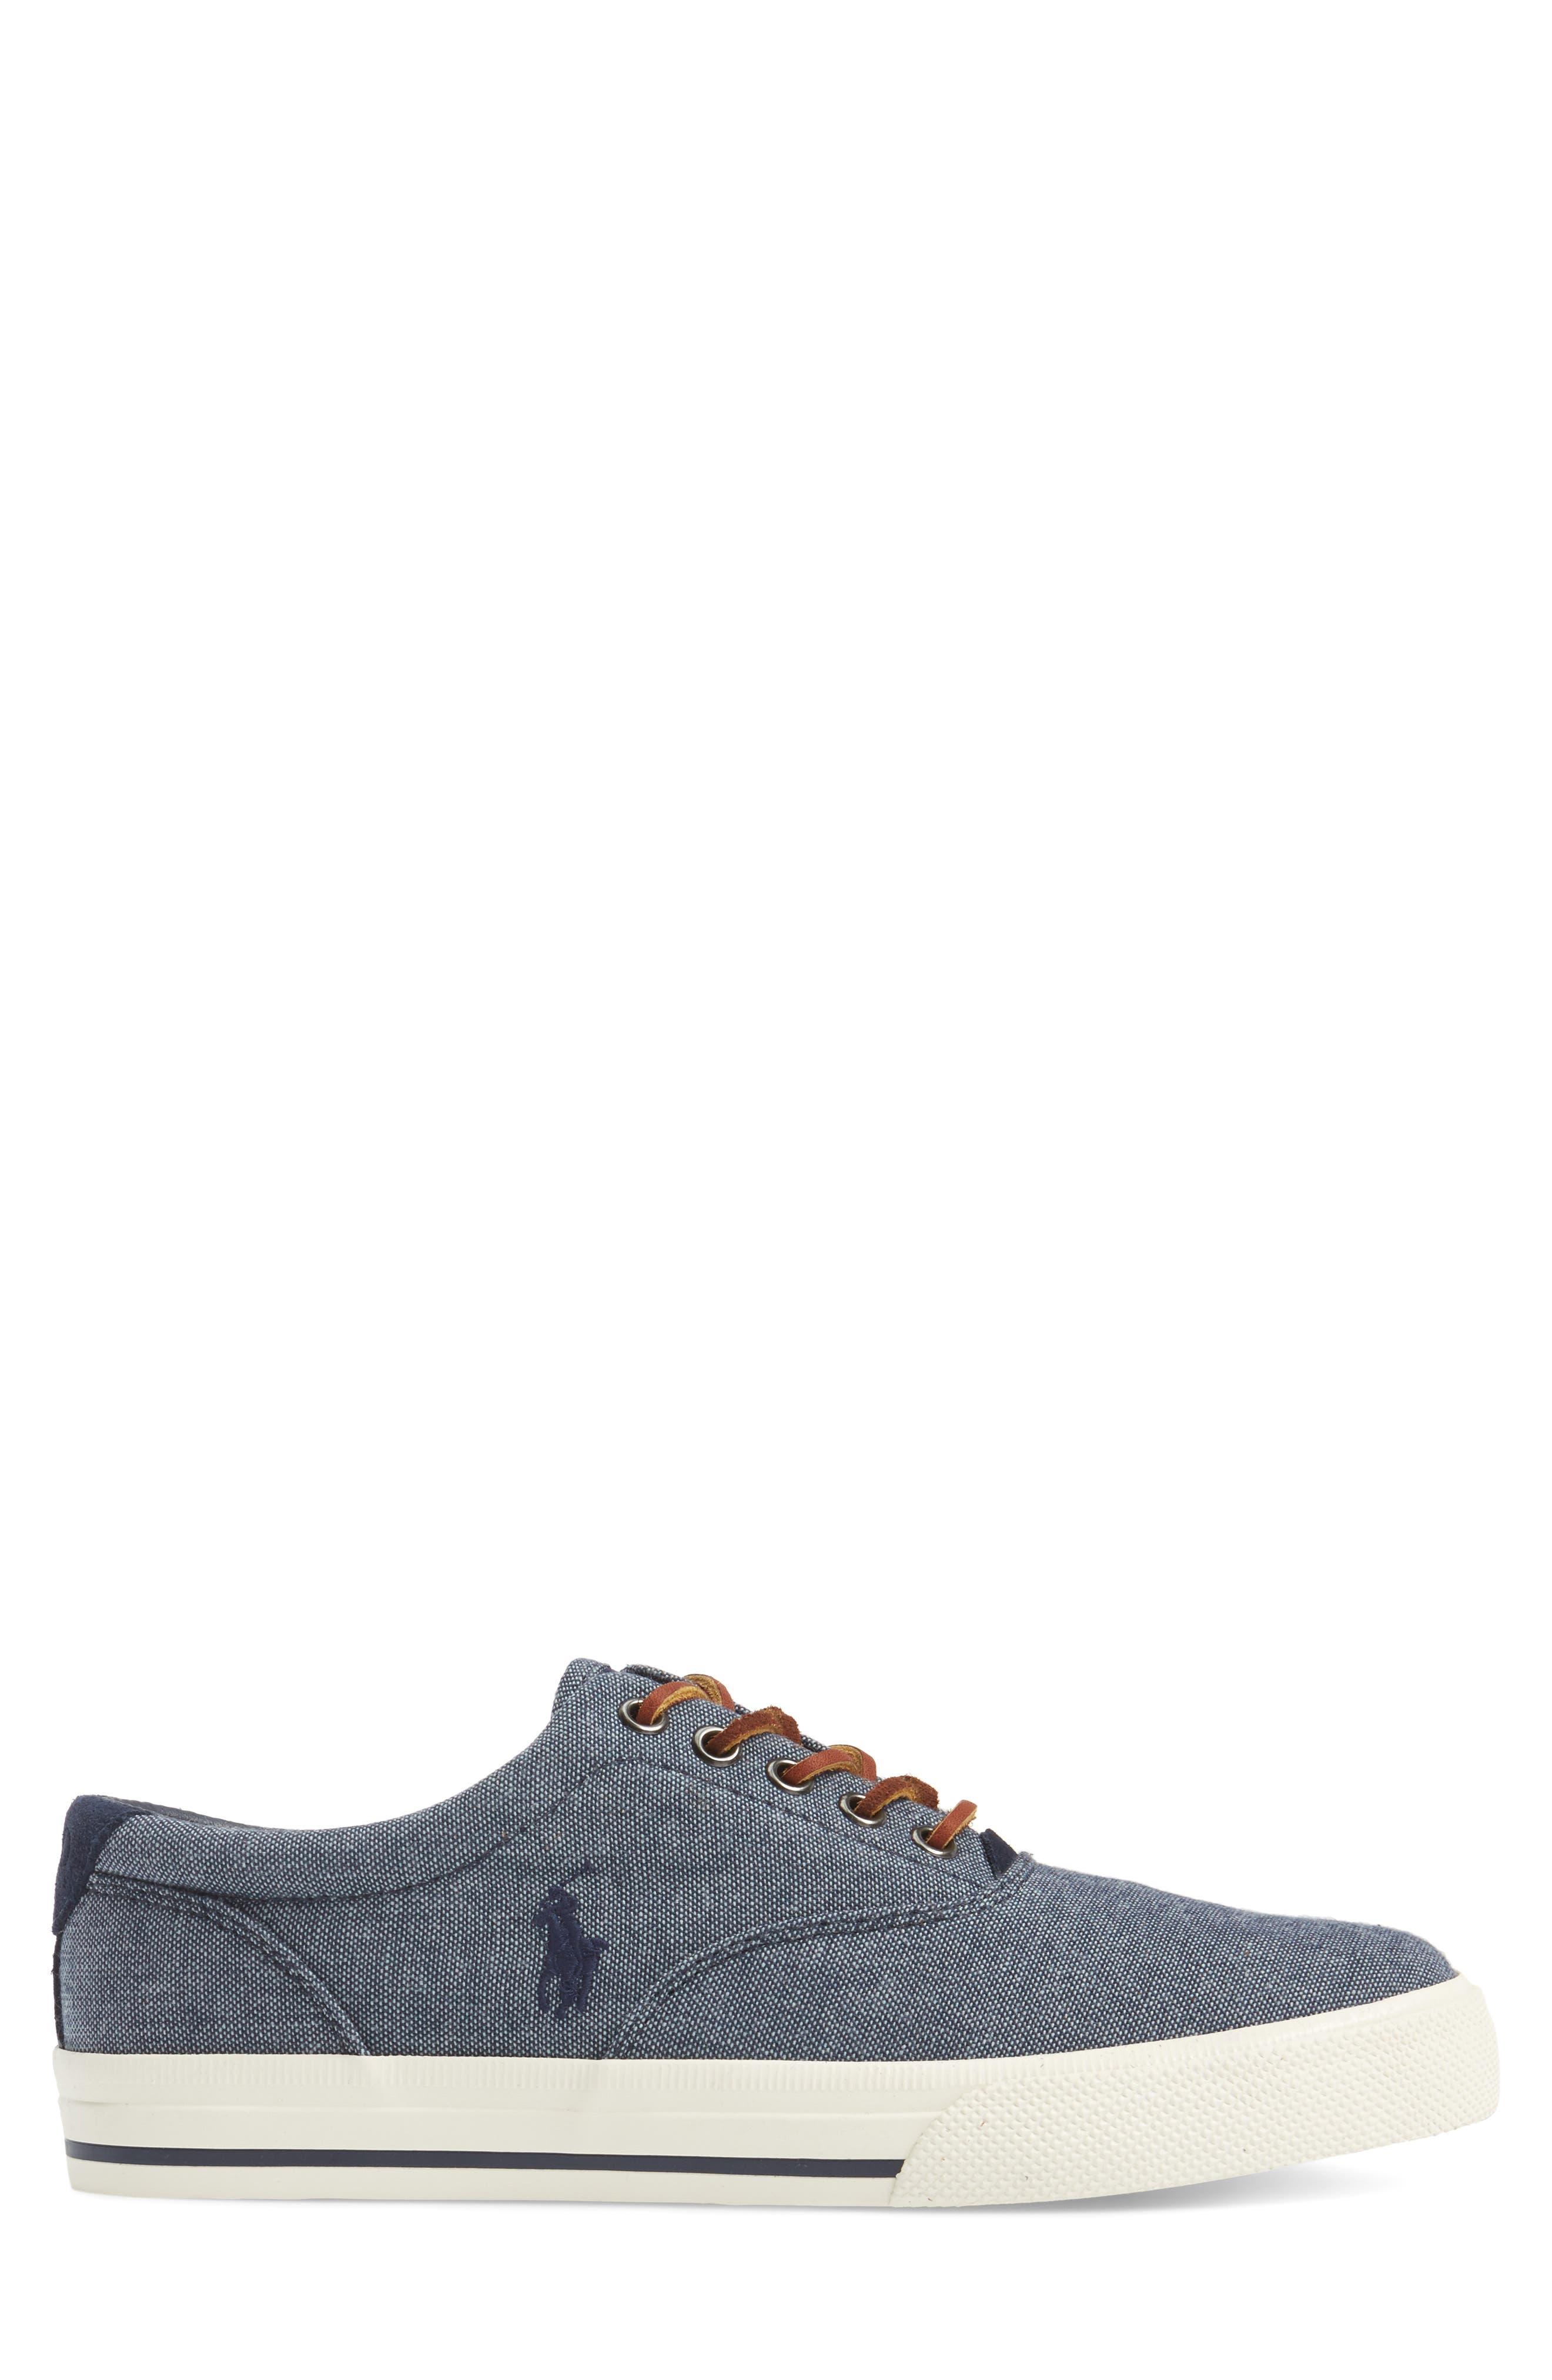 Vaughn Sneaker,                             Alternate thumbnail 19, color,